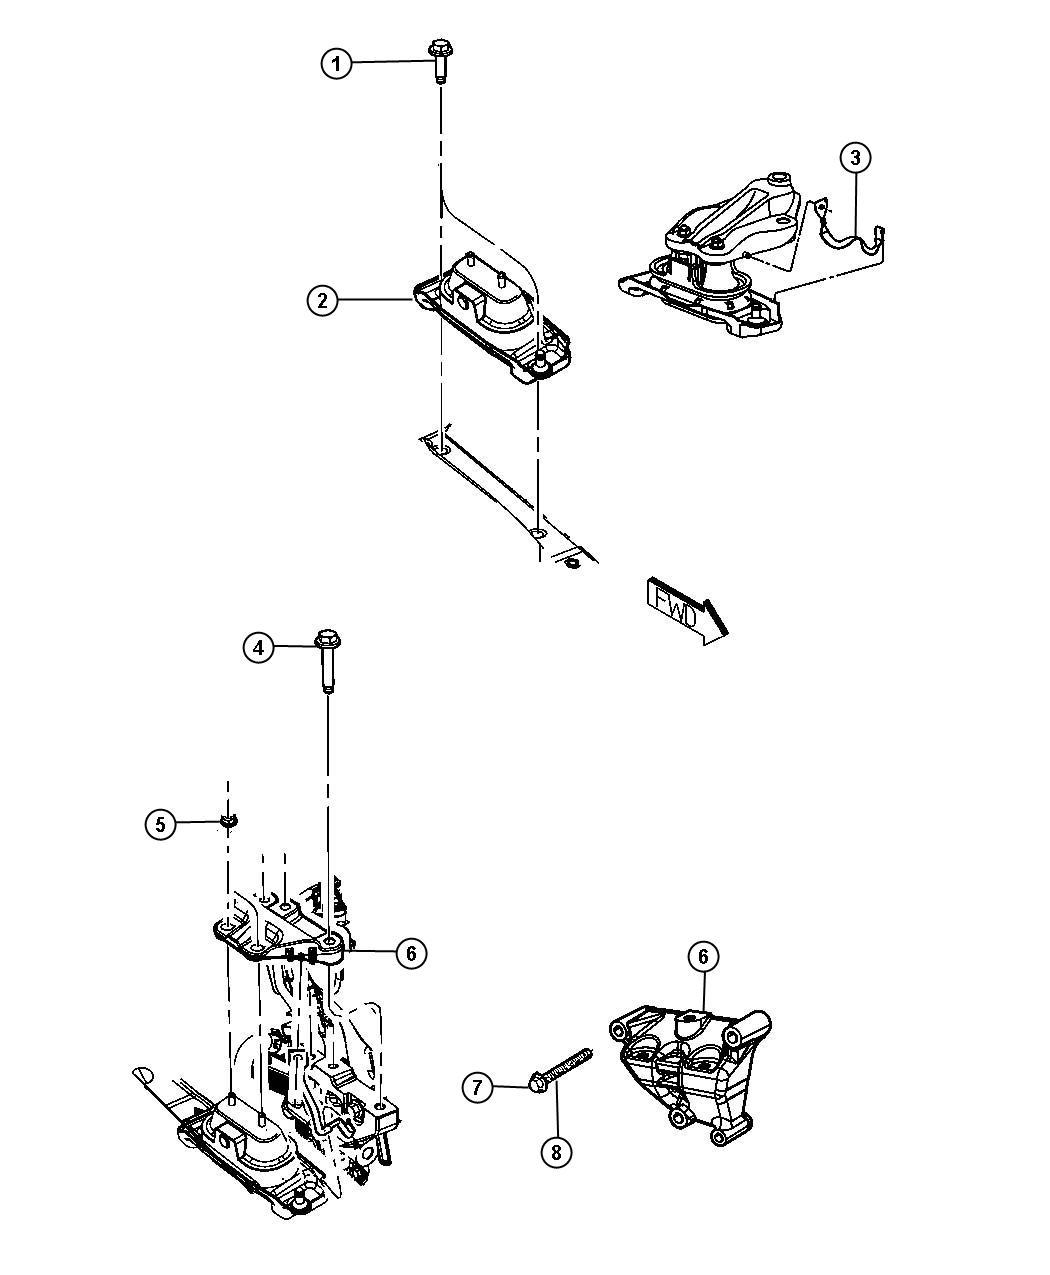 Dodge Grand Caravan Engine Mounting Right Side Fwd 3 6l 3 6l V6 24v Vvt Engine